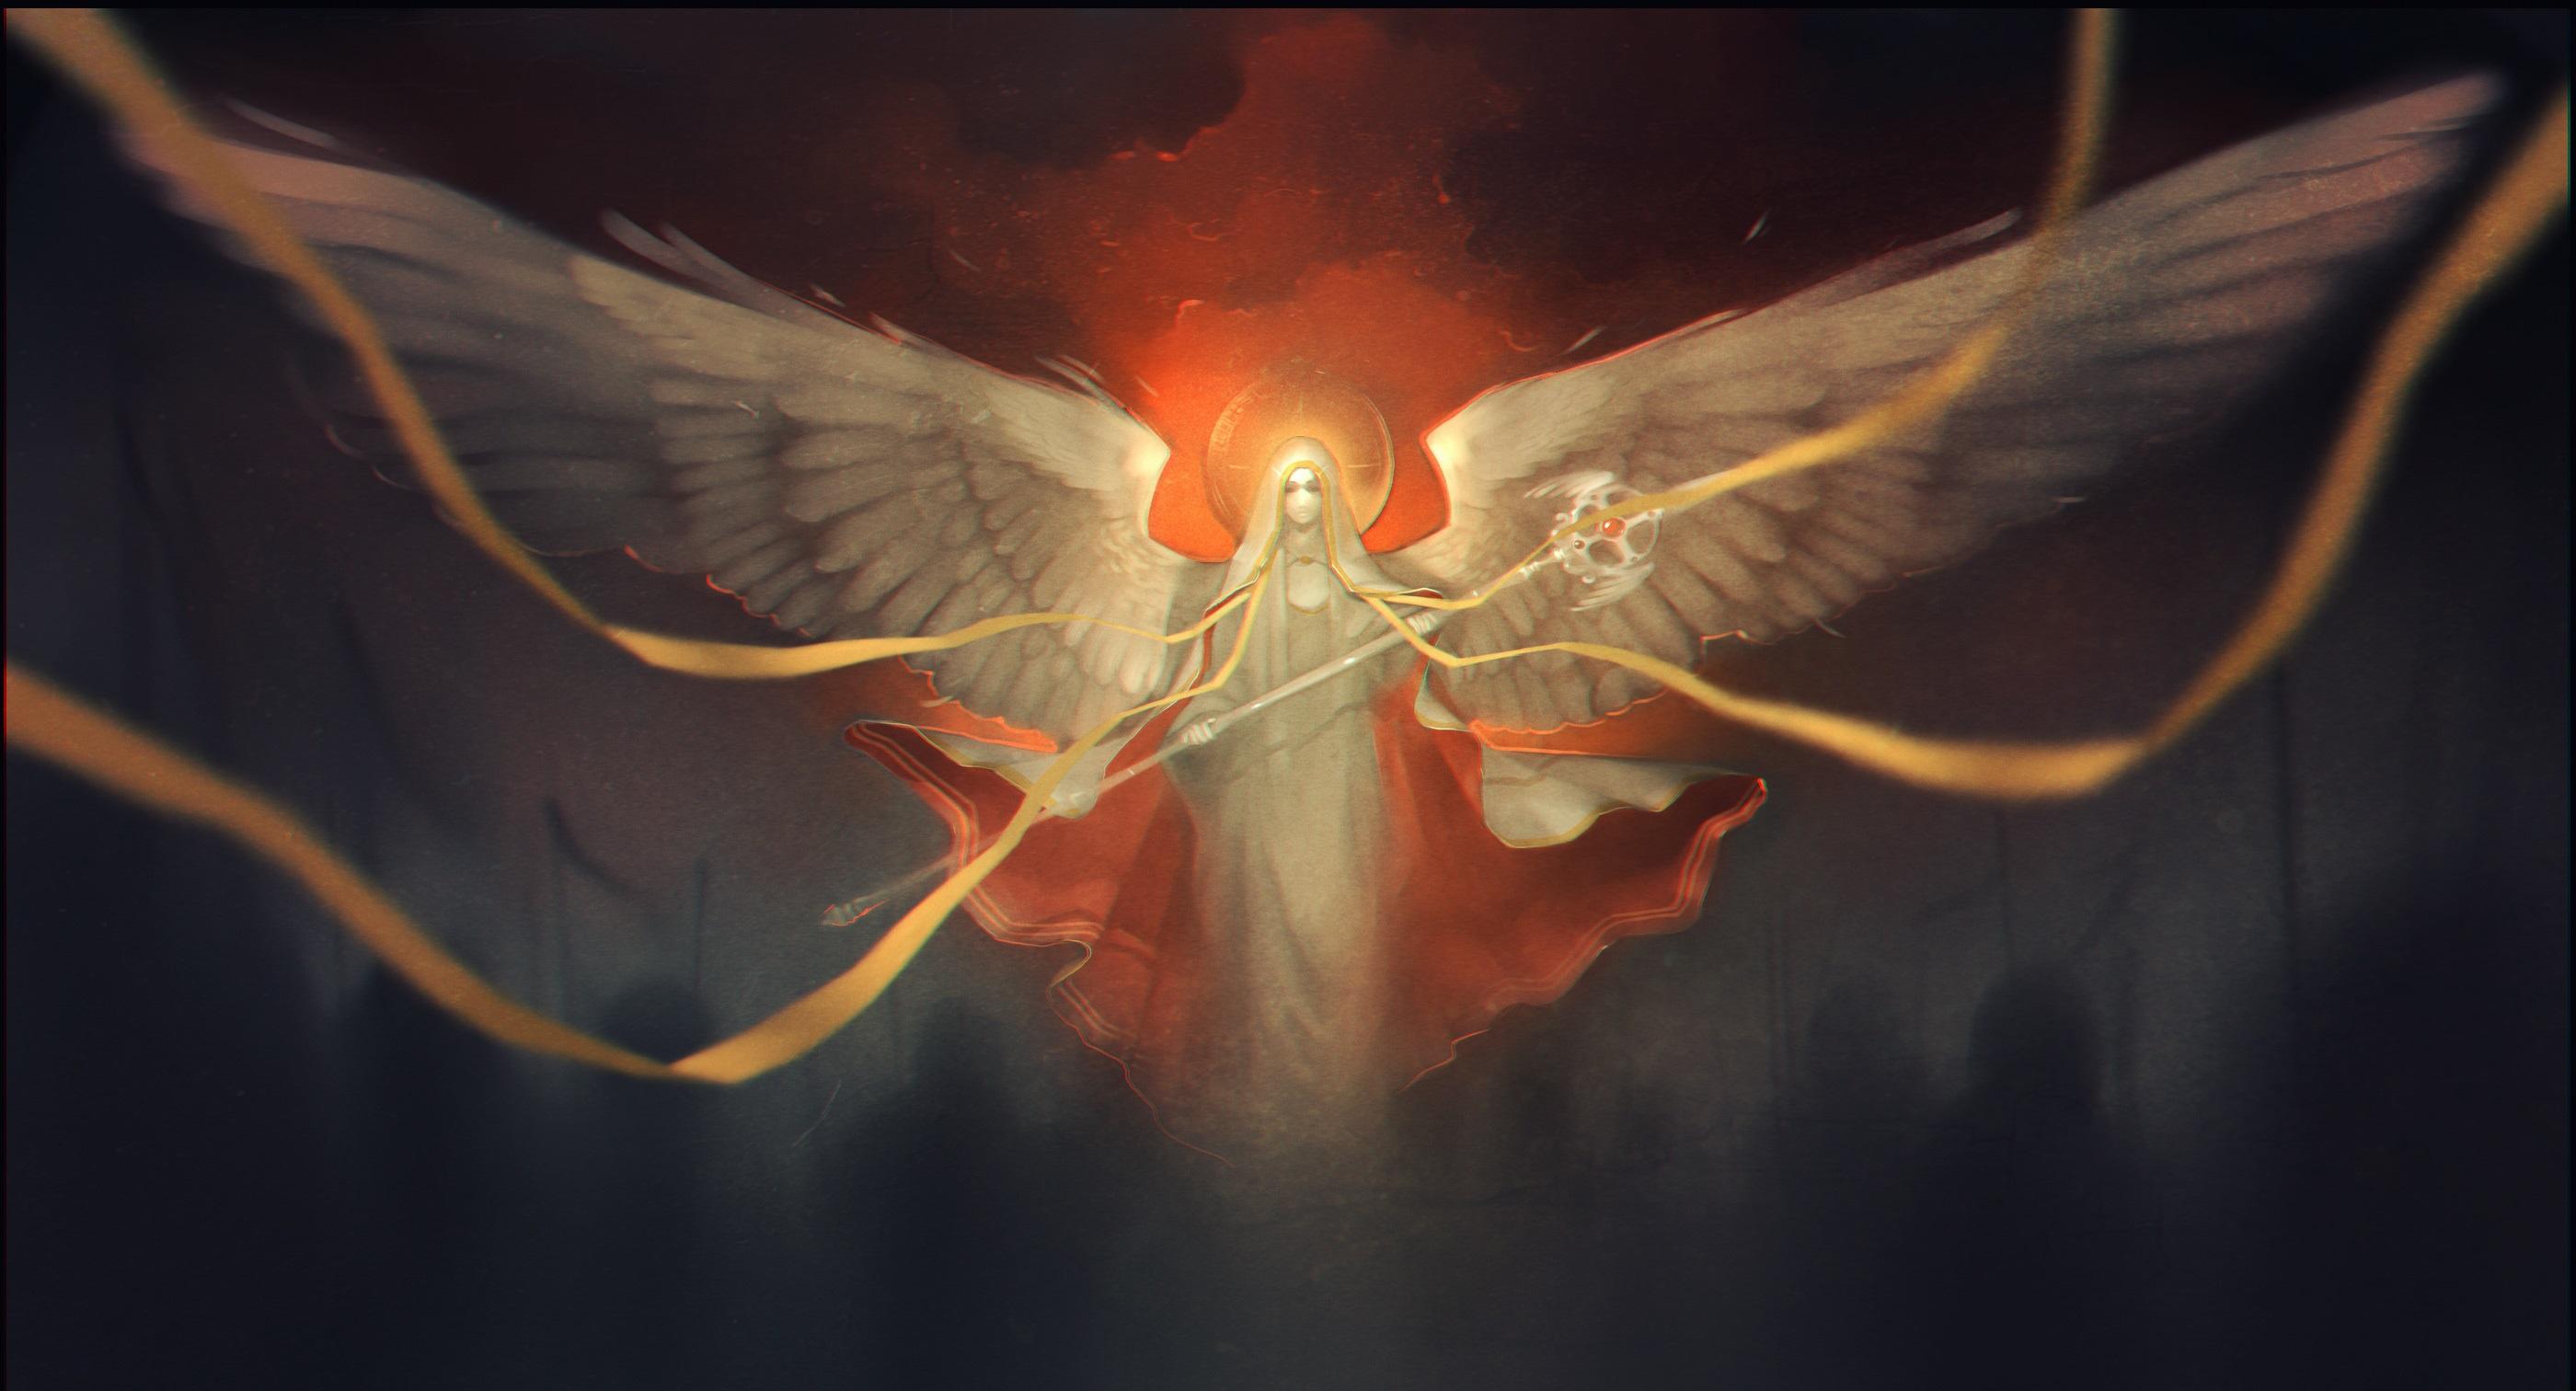 Angel Wallpaper For Laptop